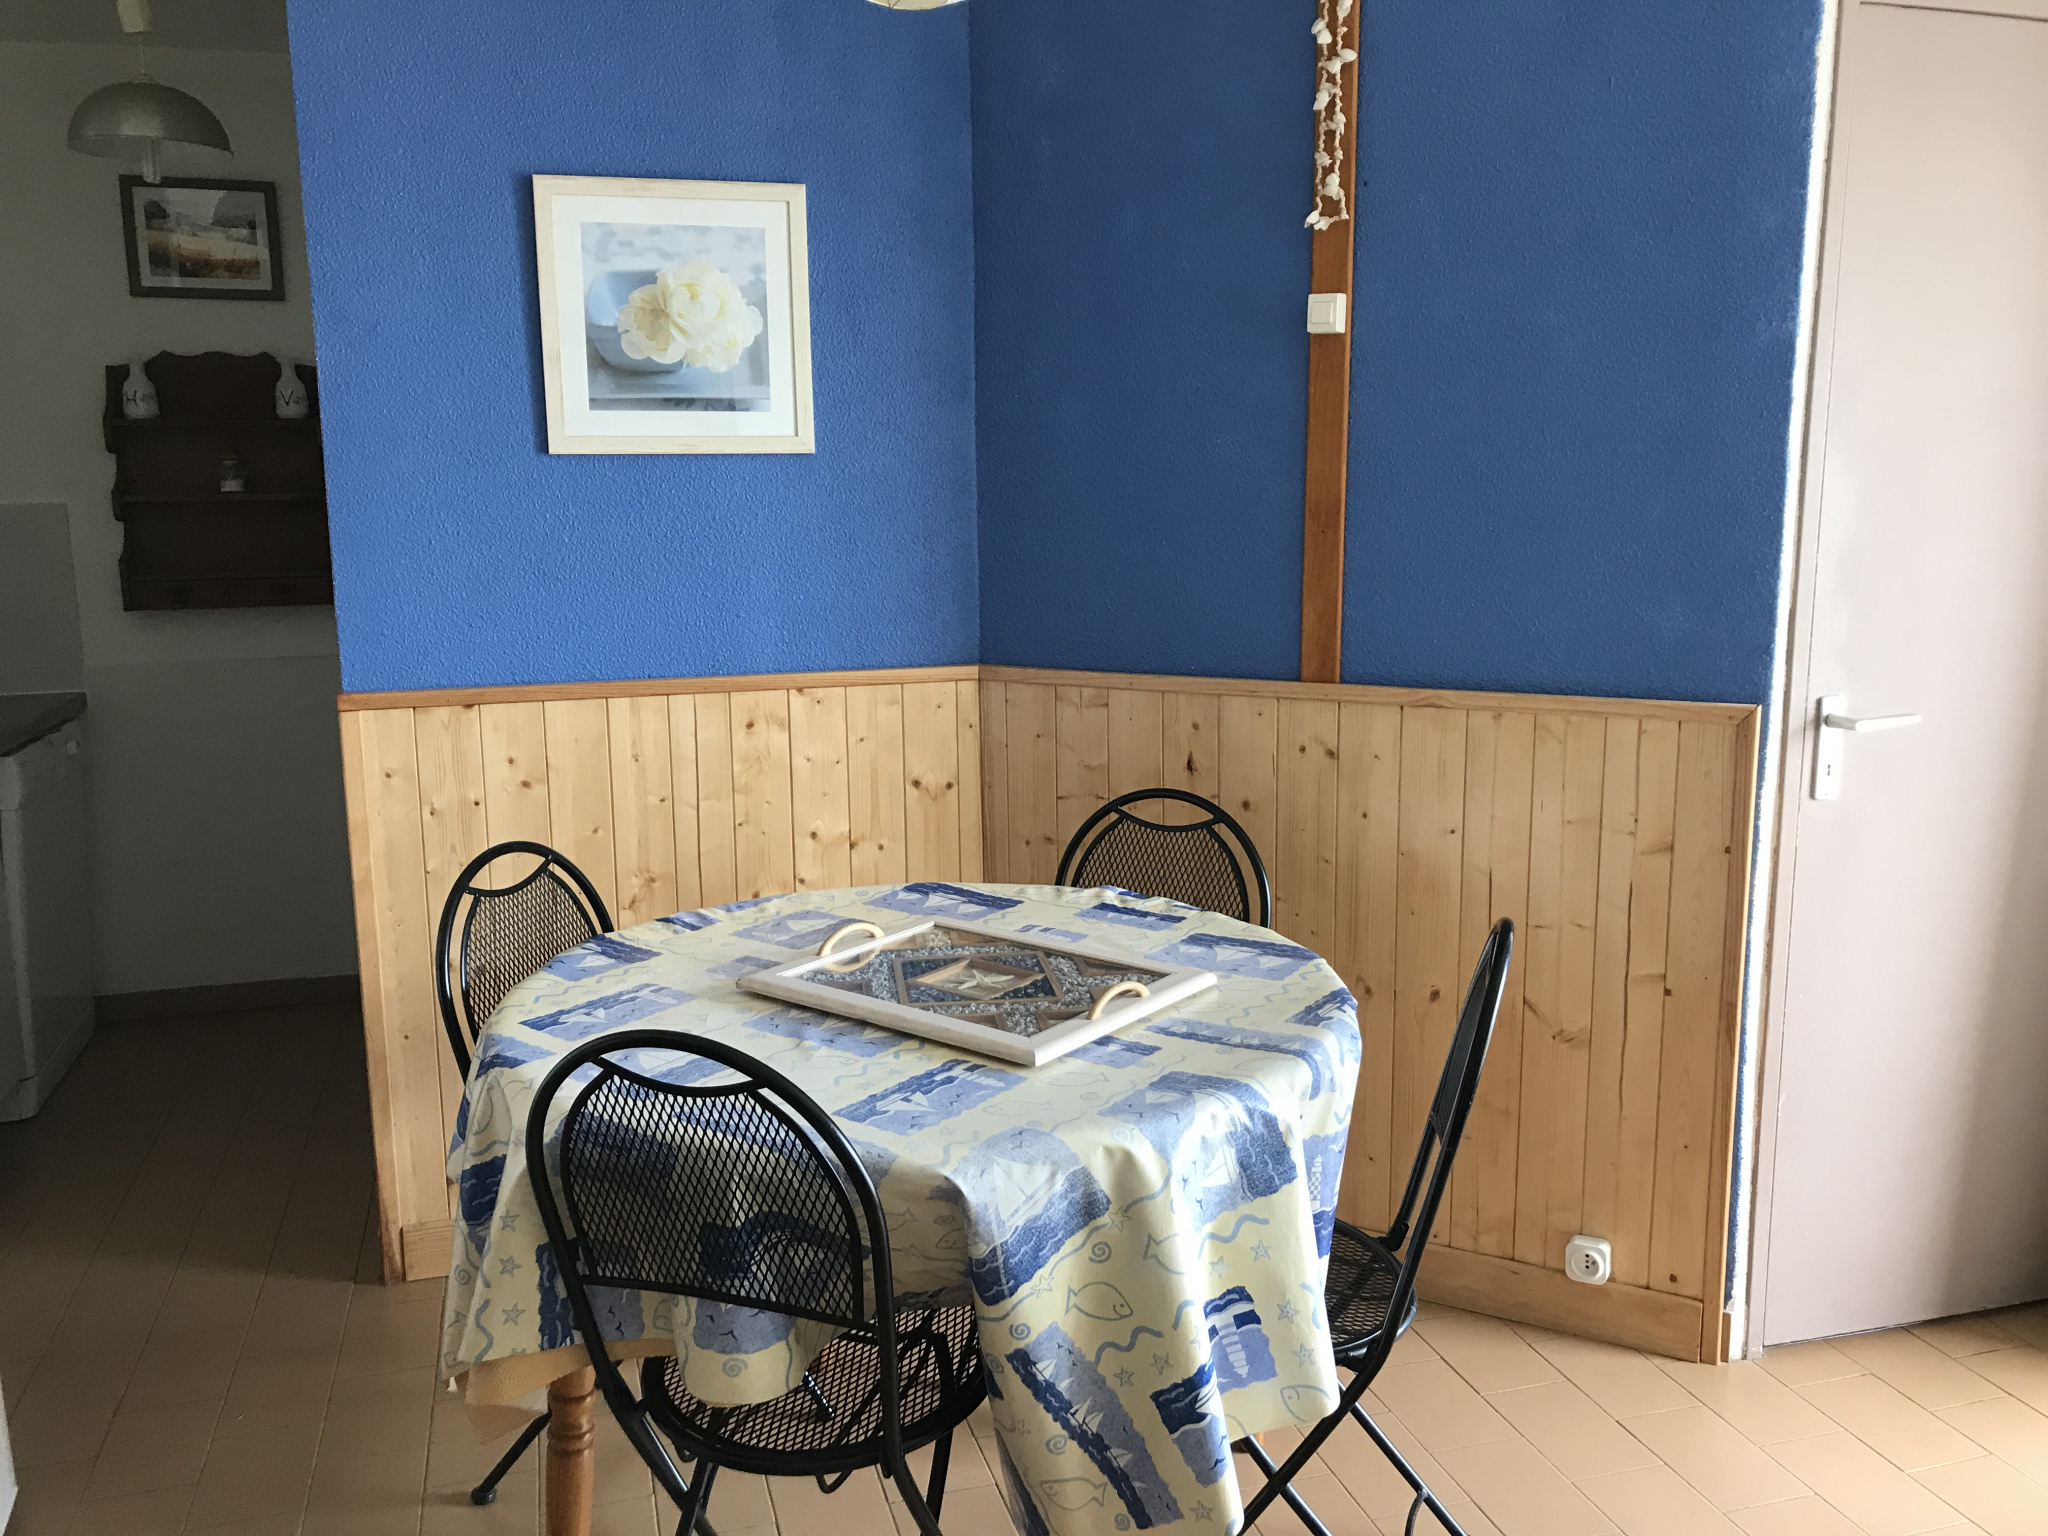 À vendre appartement de 36.46m2 à st cyprien plage (66750) - Photo 12'